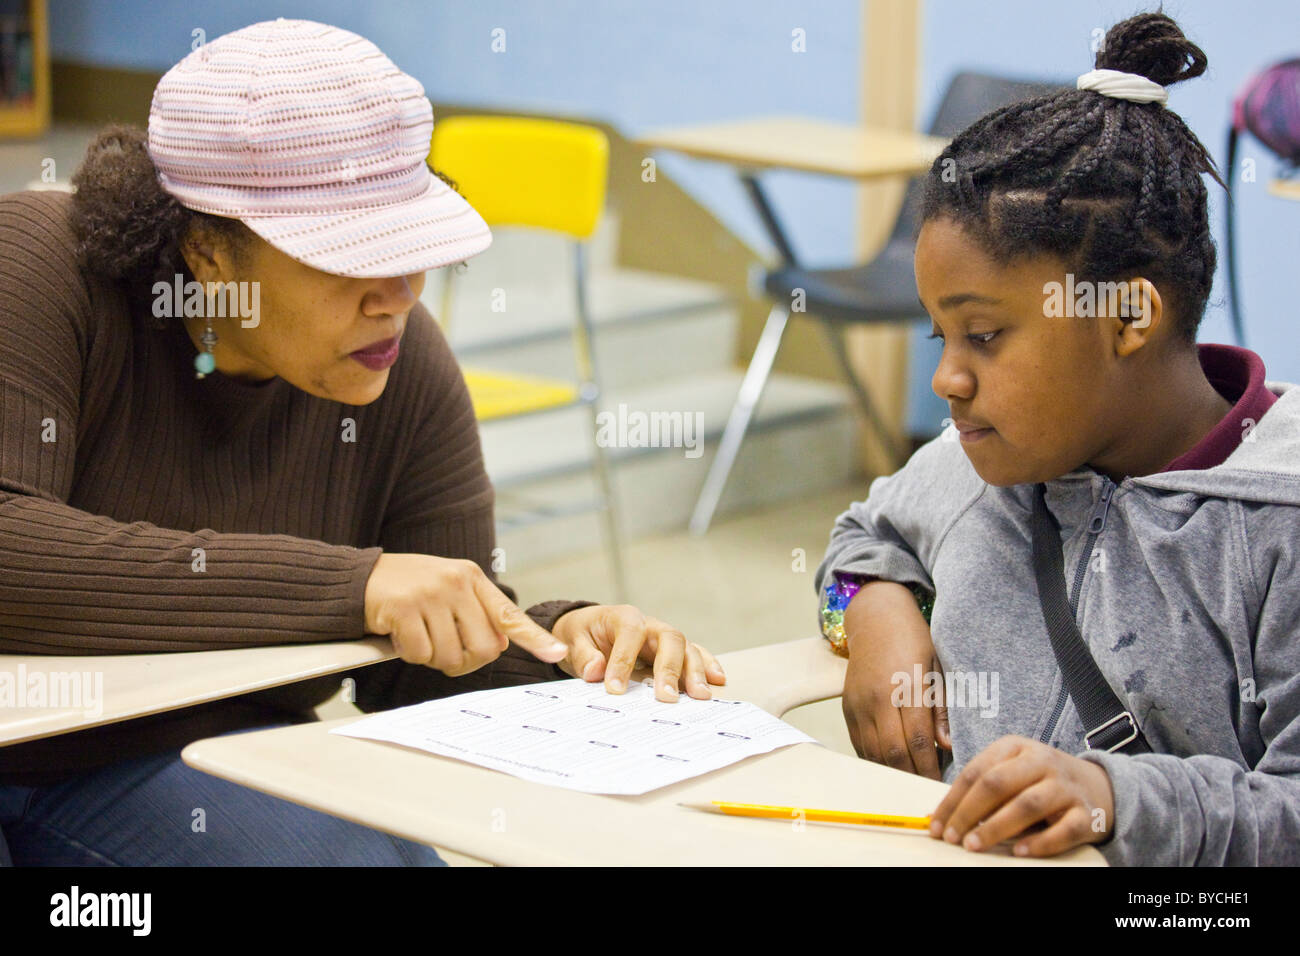 Schüler und Lehrer in einem Klassenzimmer in Washington, D.C. Stockbild